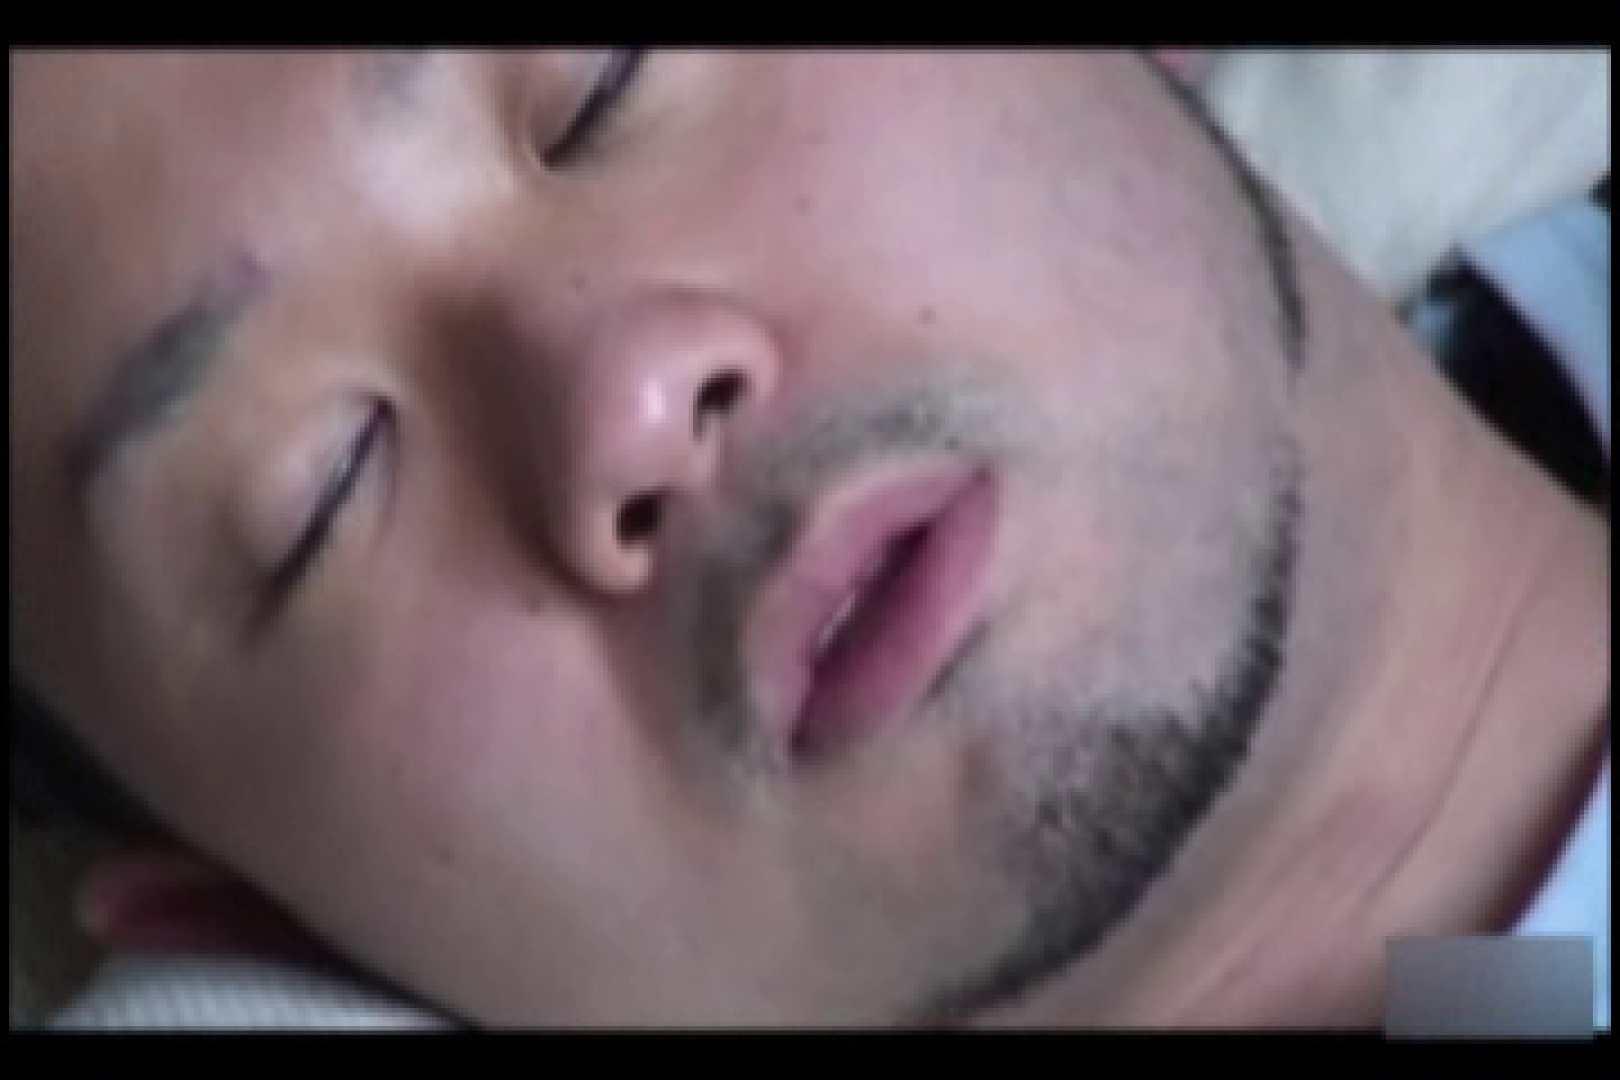 GayなDJのGay的LIFE!!その2 射精シーン GAY無修正エロ動画 89pic 35